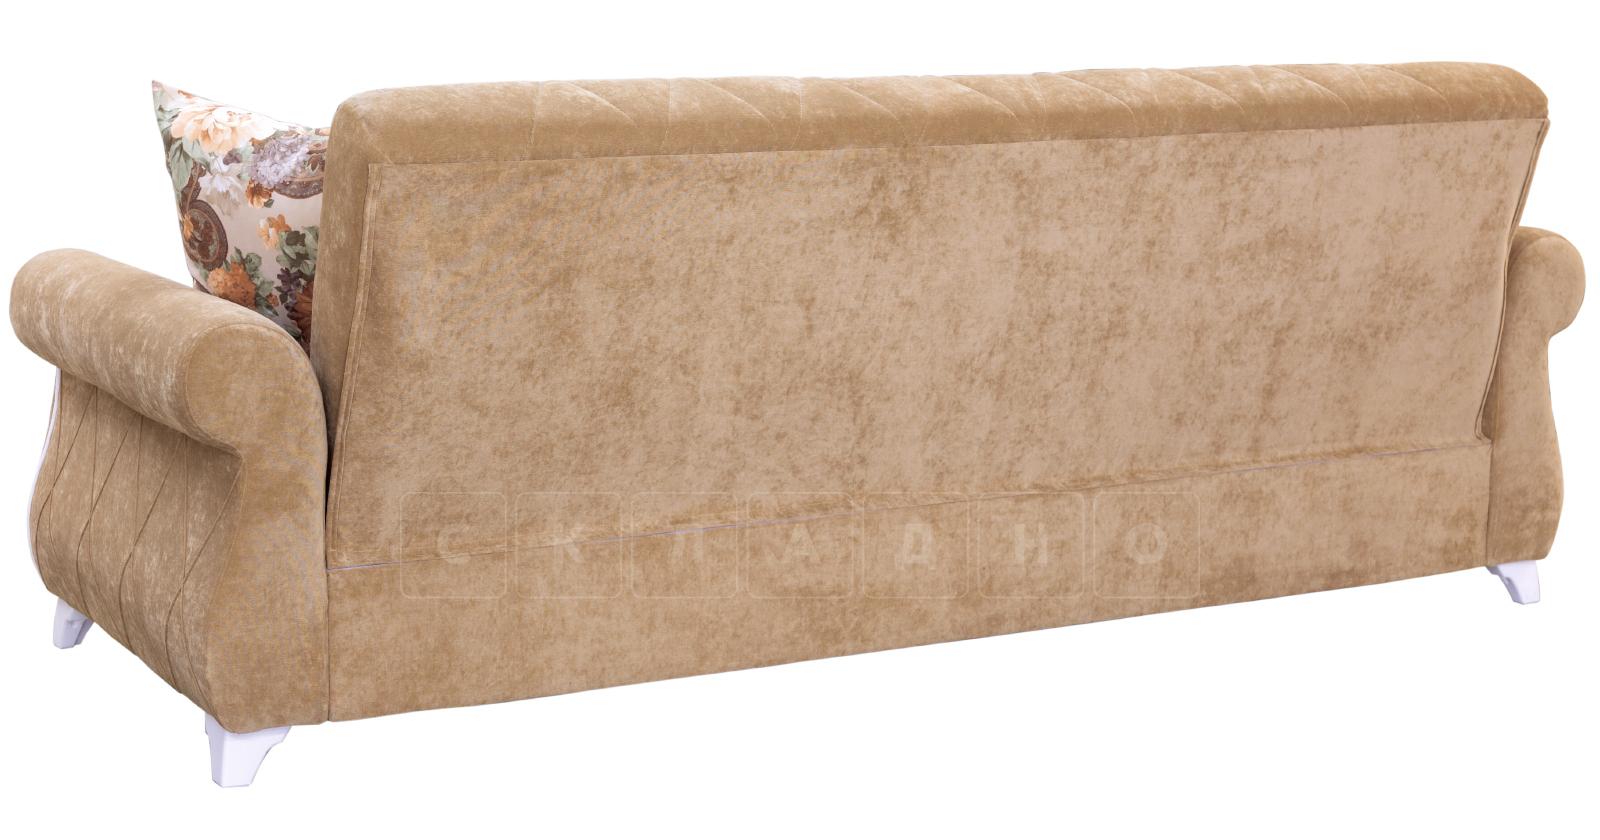 Диван-кровать Роза бежево-песочный фото 6 | интернет-магазин Складно